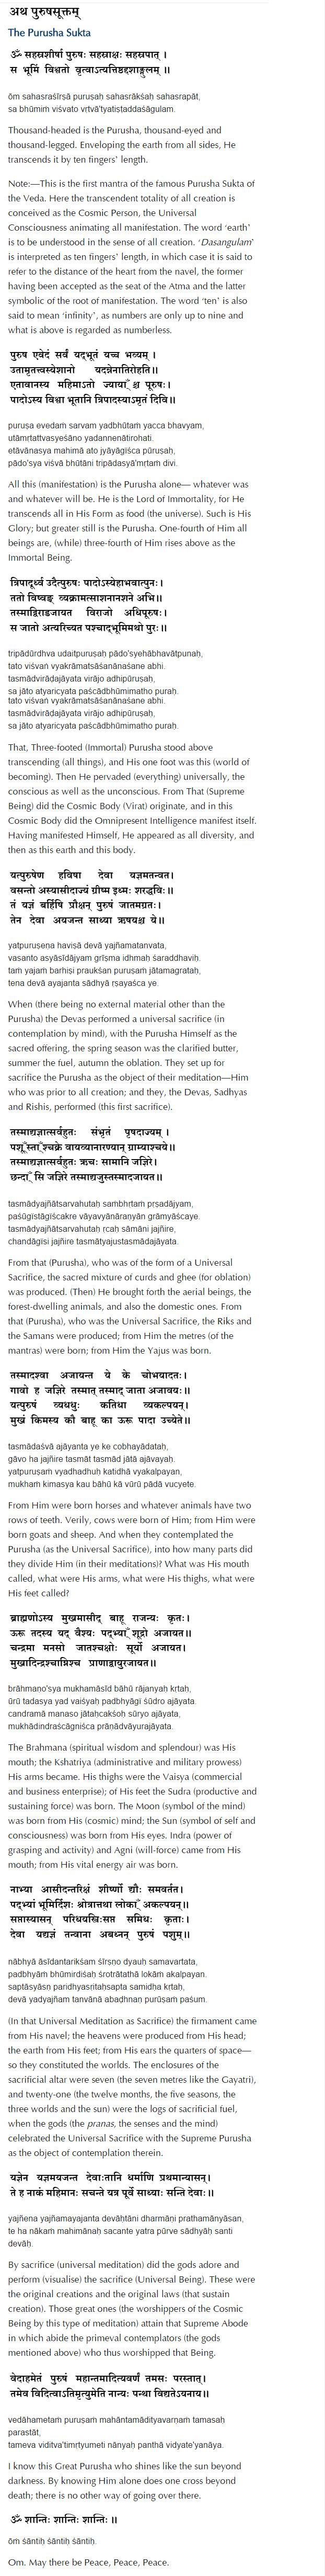 Durga suktam audio free download